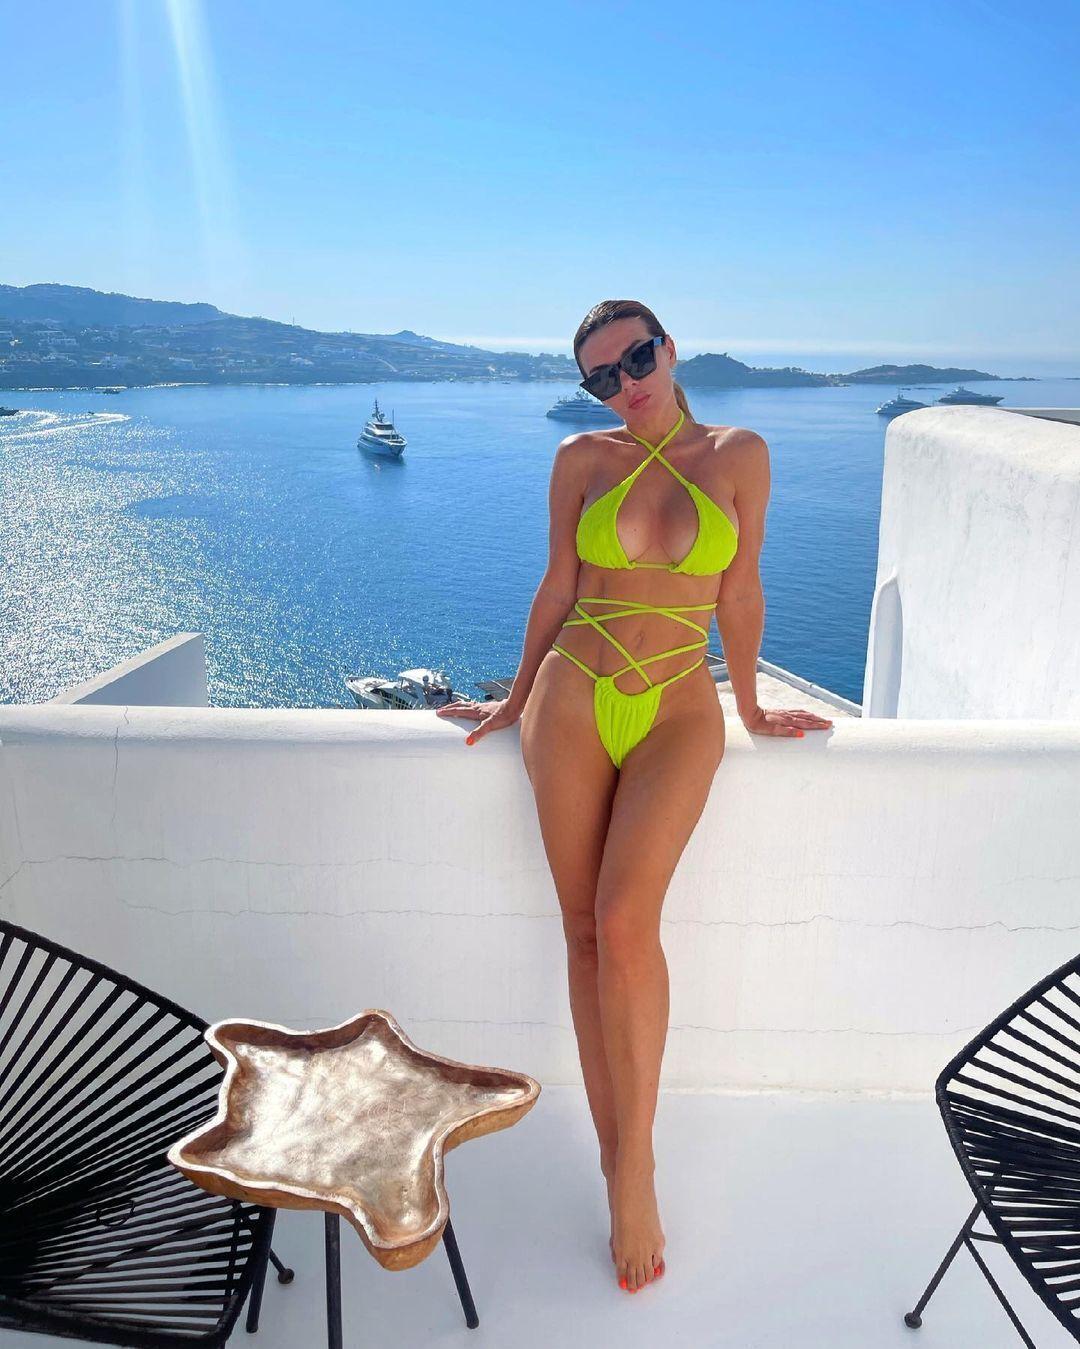 Анна Седокова позирует в откровенном купальнике